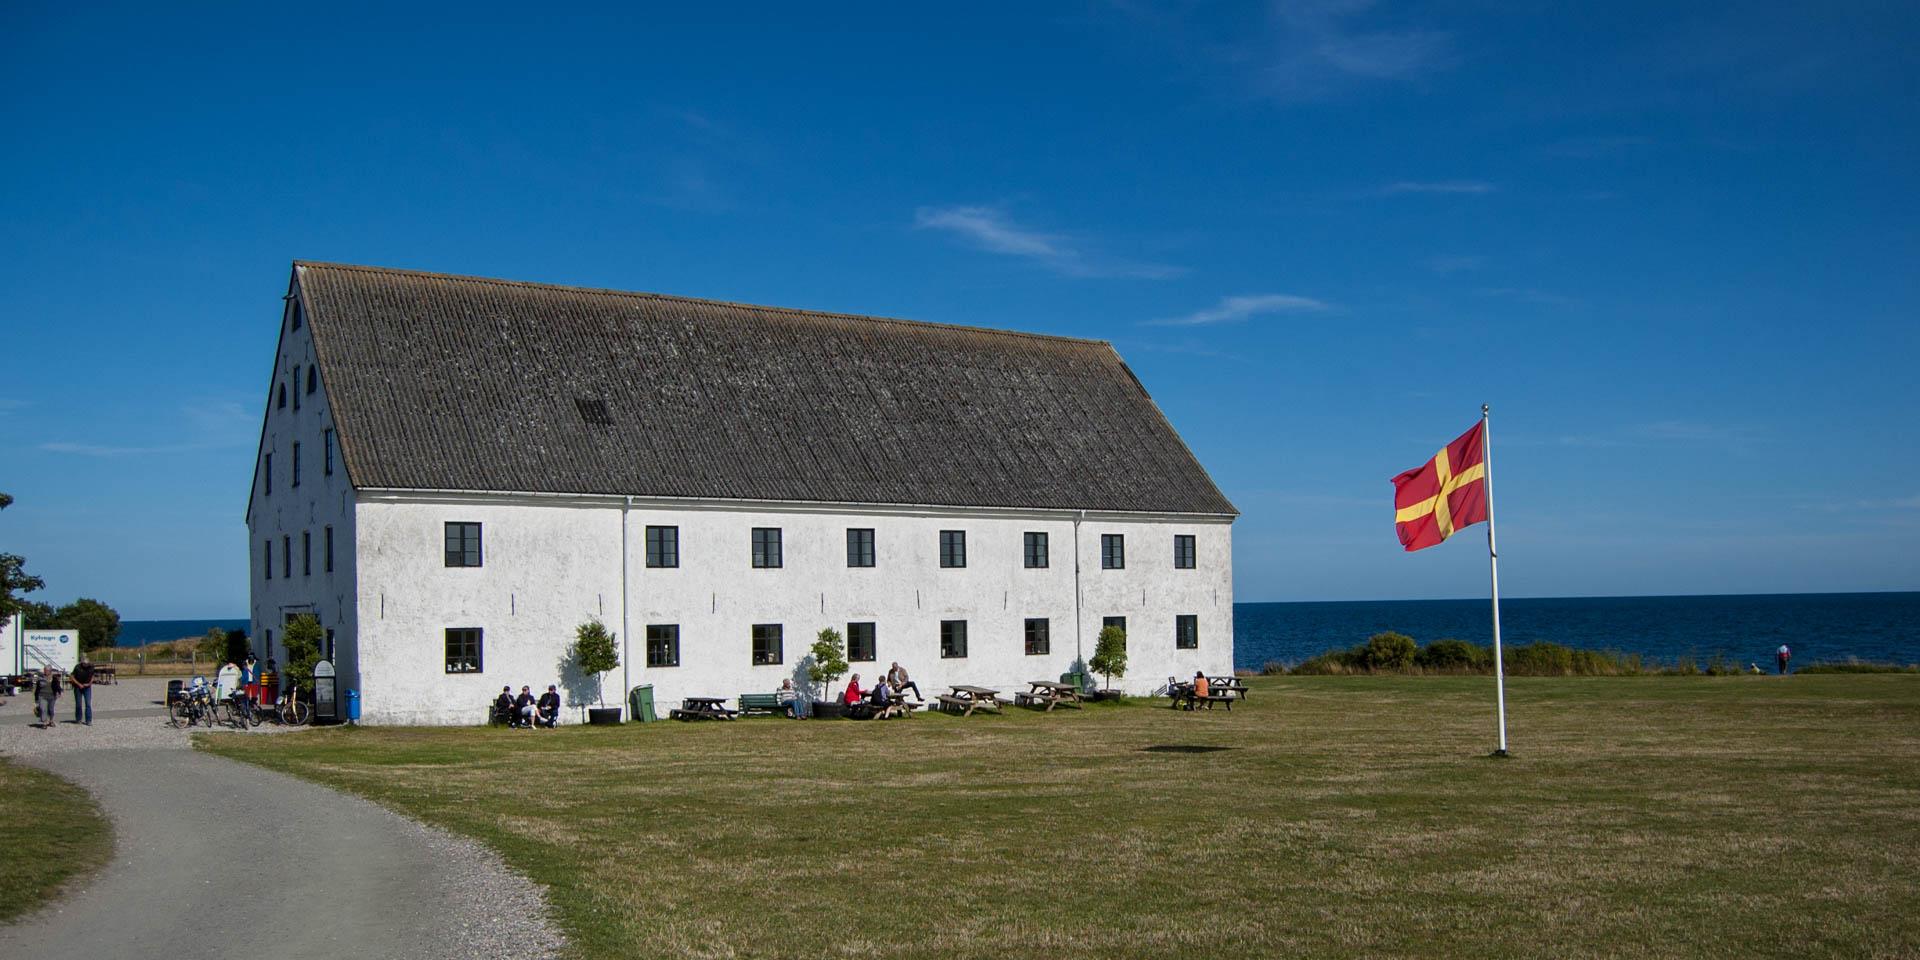 Smygehuks Turistbyrå 2015